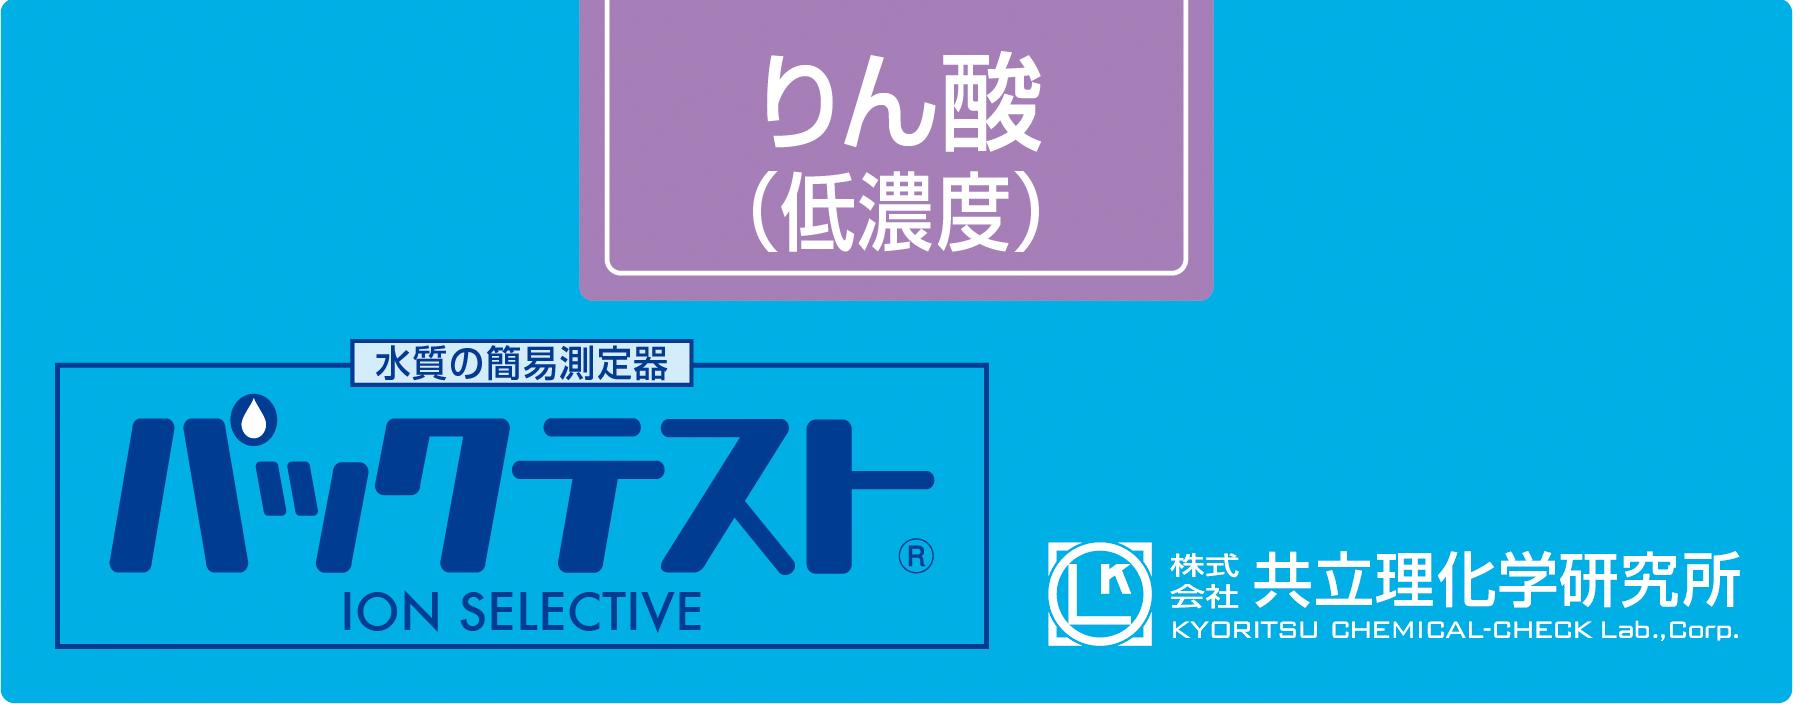 パックテスト りん酸(低濃度)